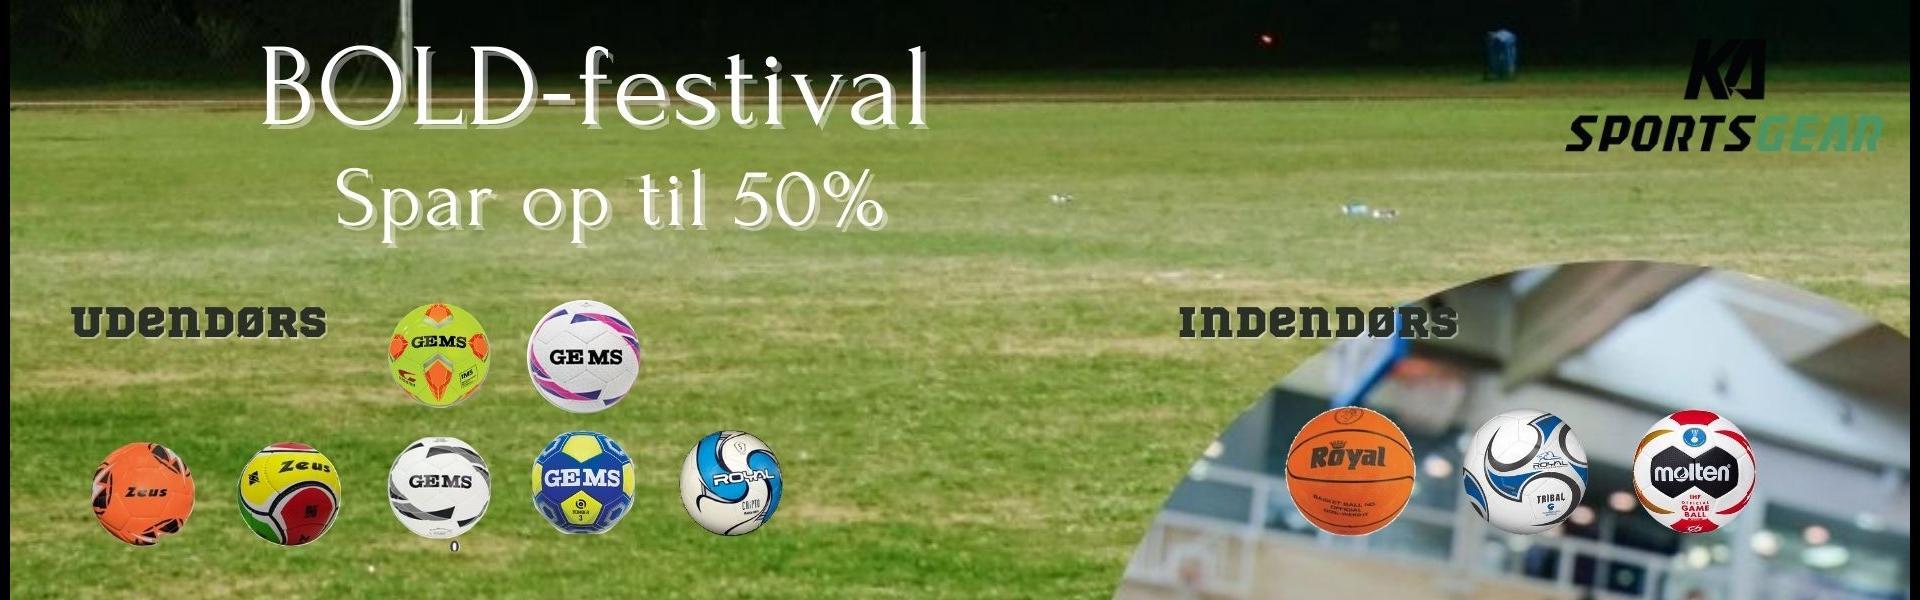 BOLD-festival - spar op til 50%